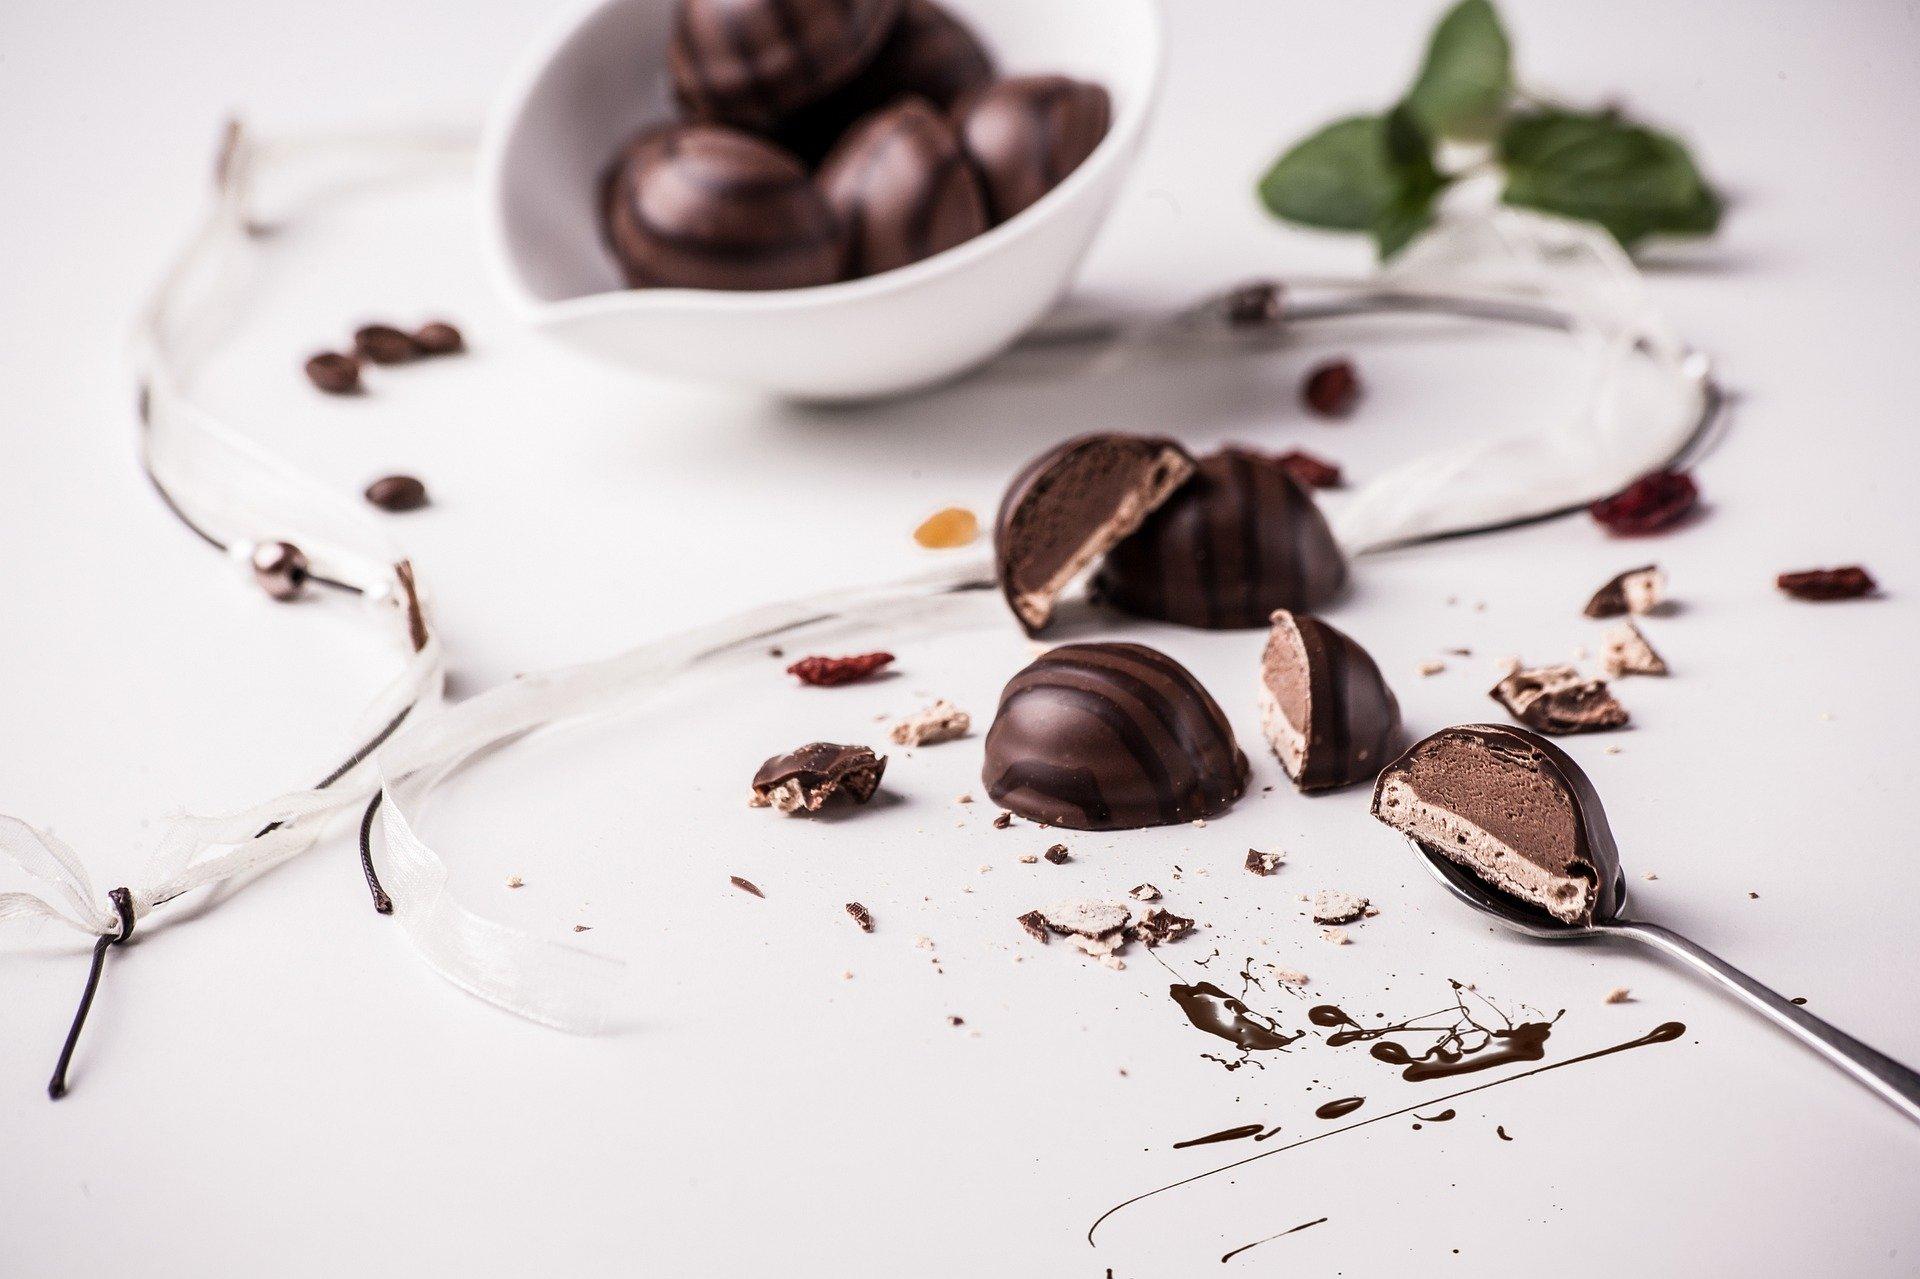 バレンタインデーを世界一甘い思い出にする、超リッチなチョコレートのお話